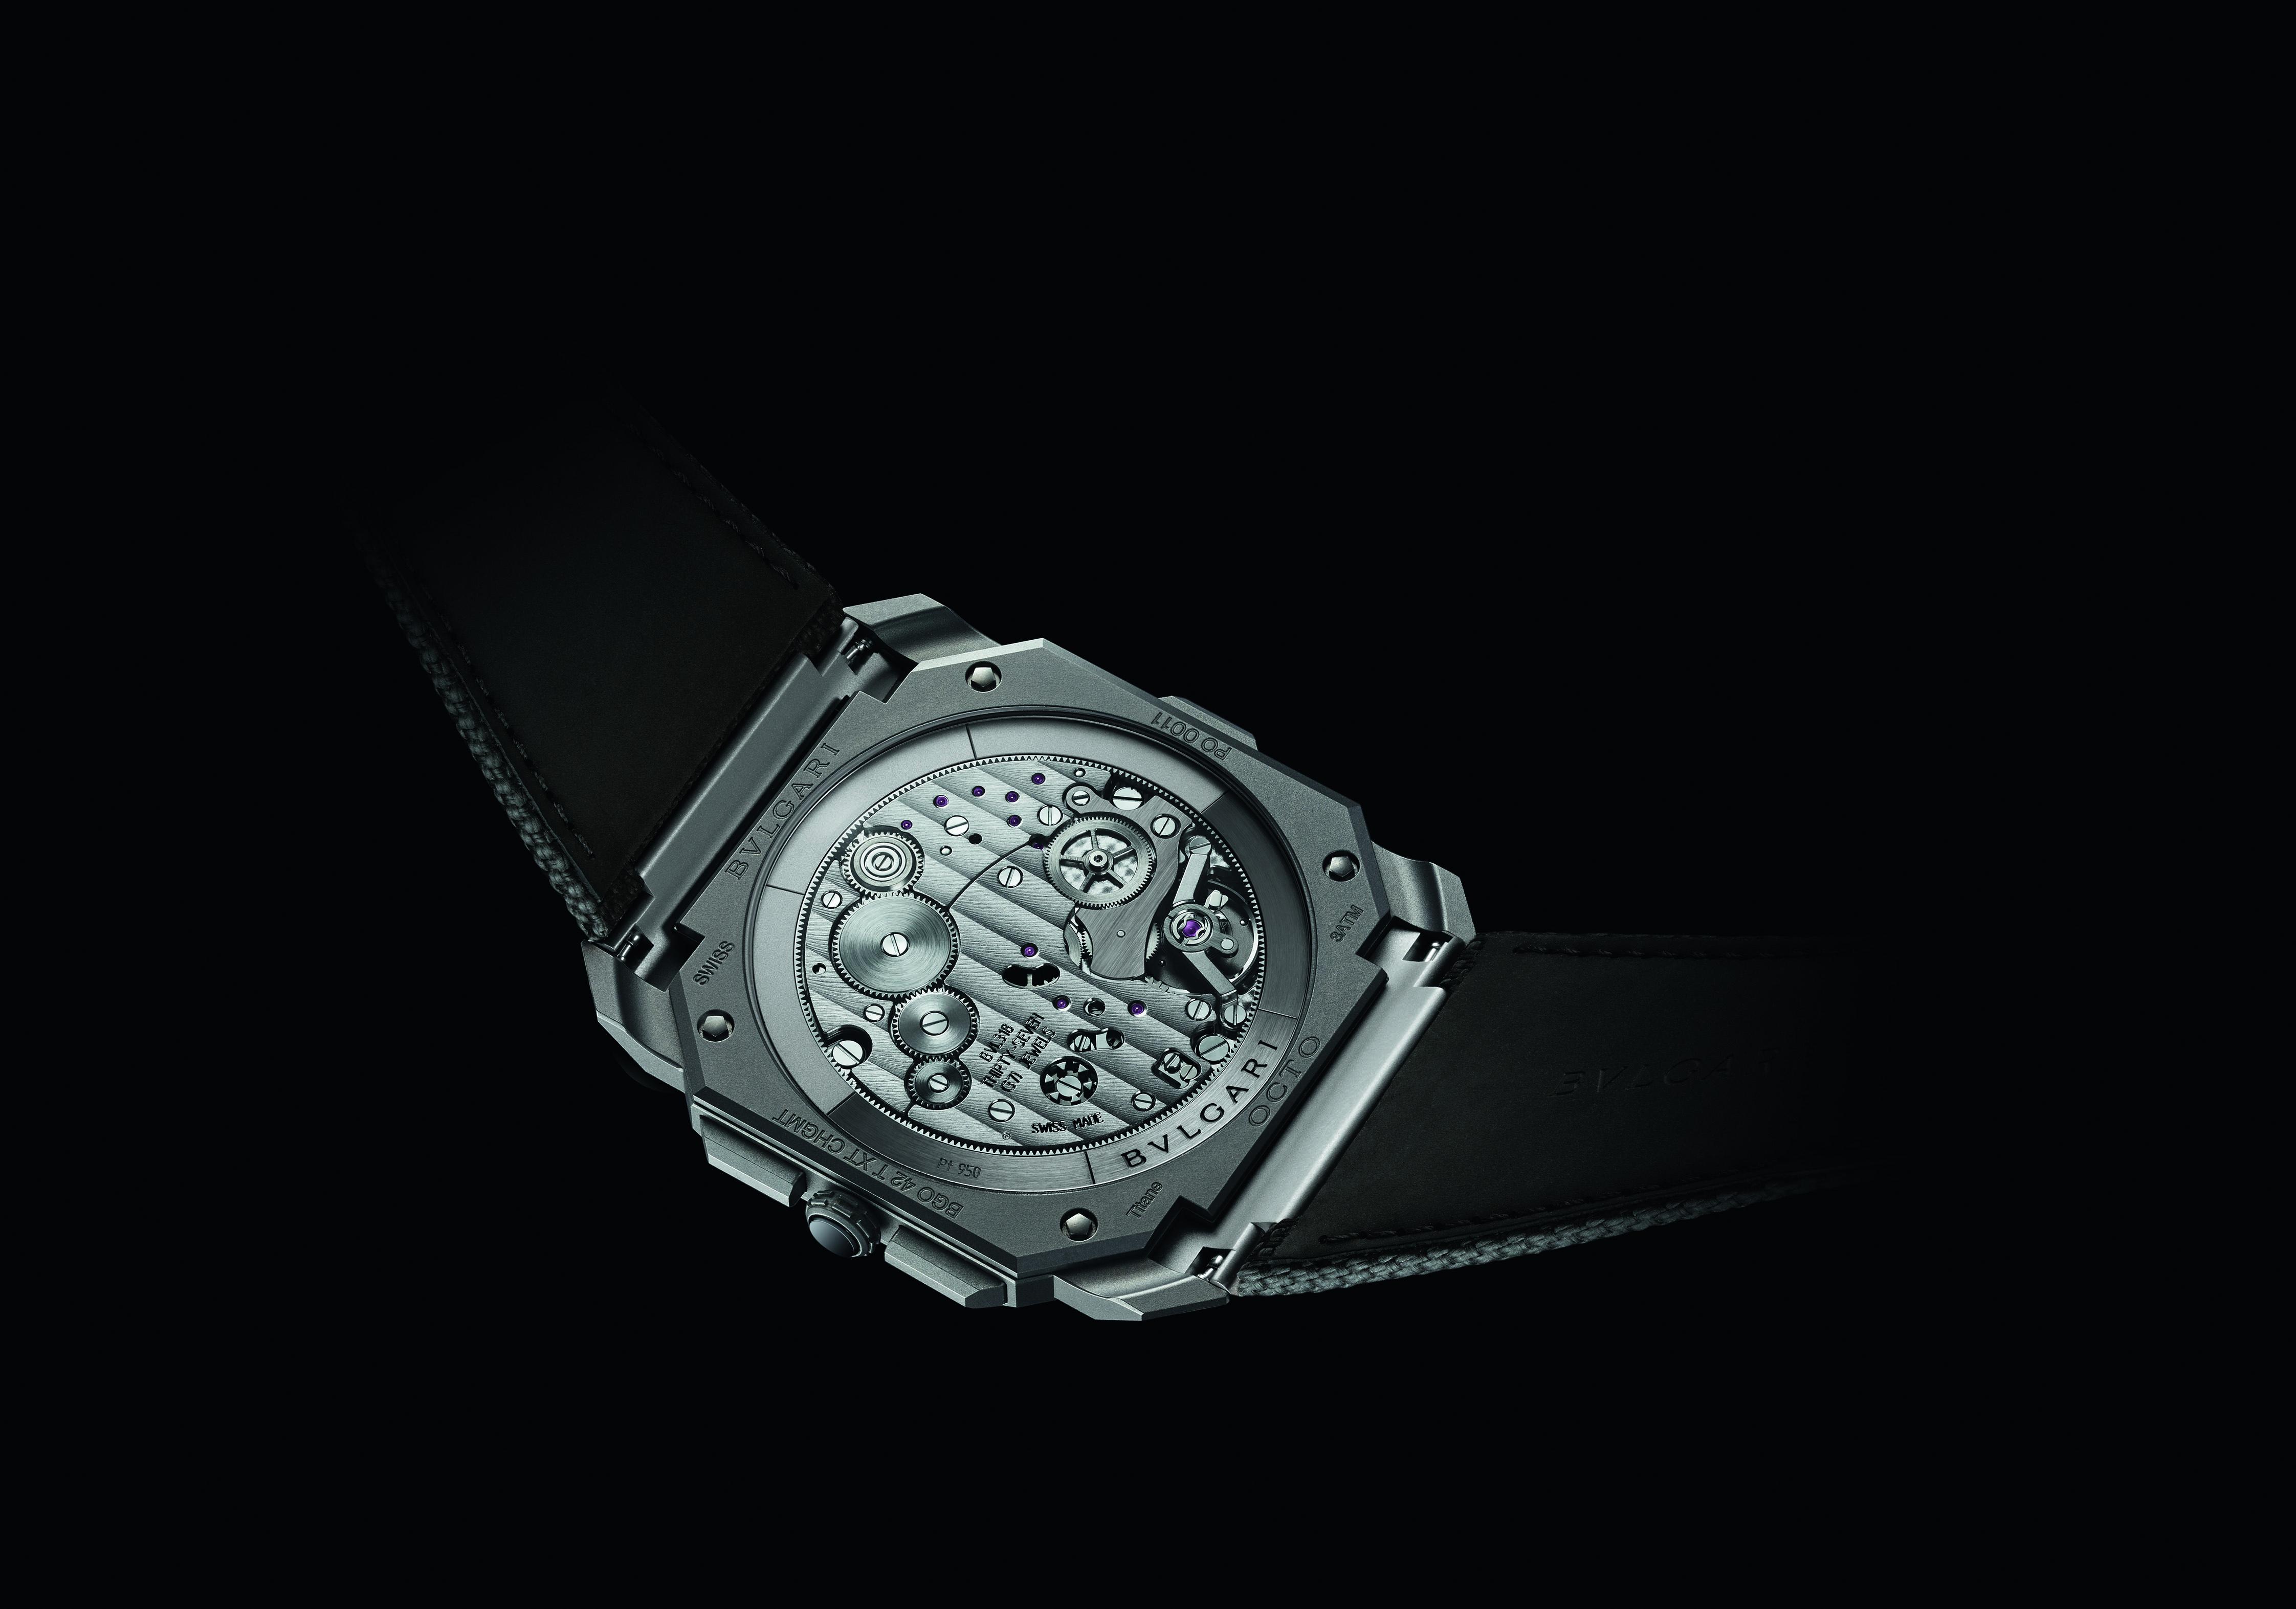 Bulgari Octo Finissimo Titanium GMT Chronograph louis vuitton